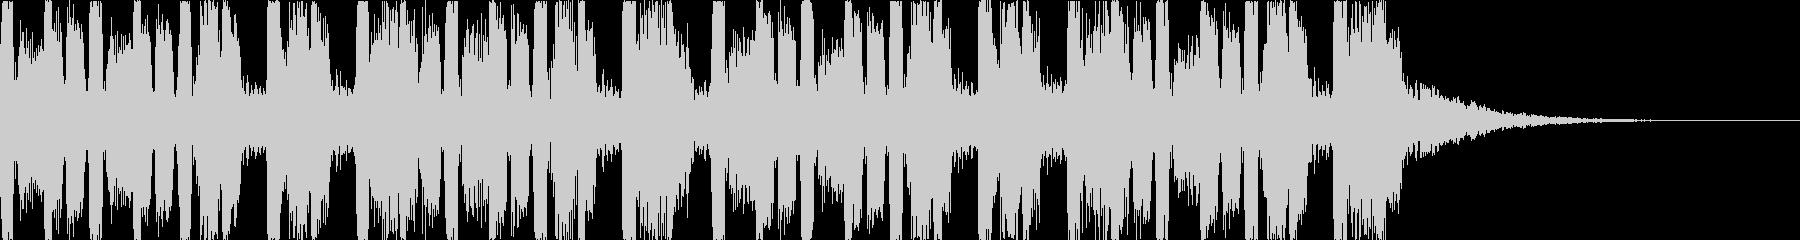 キャッチーでダークなEDM3の未再生の波形